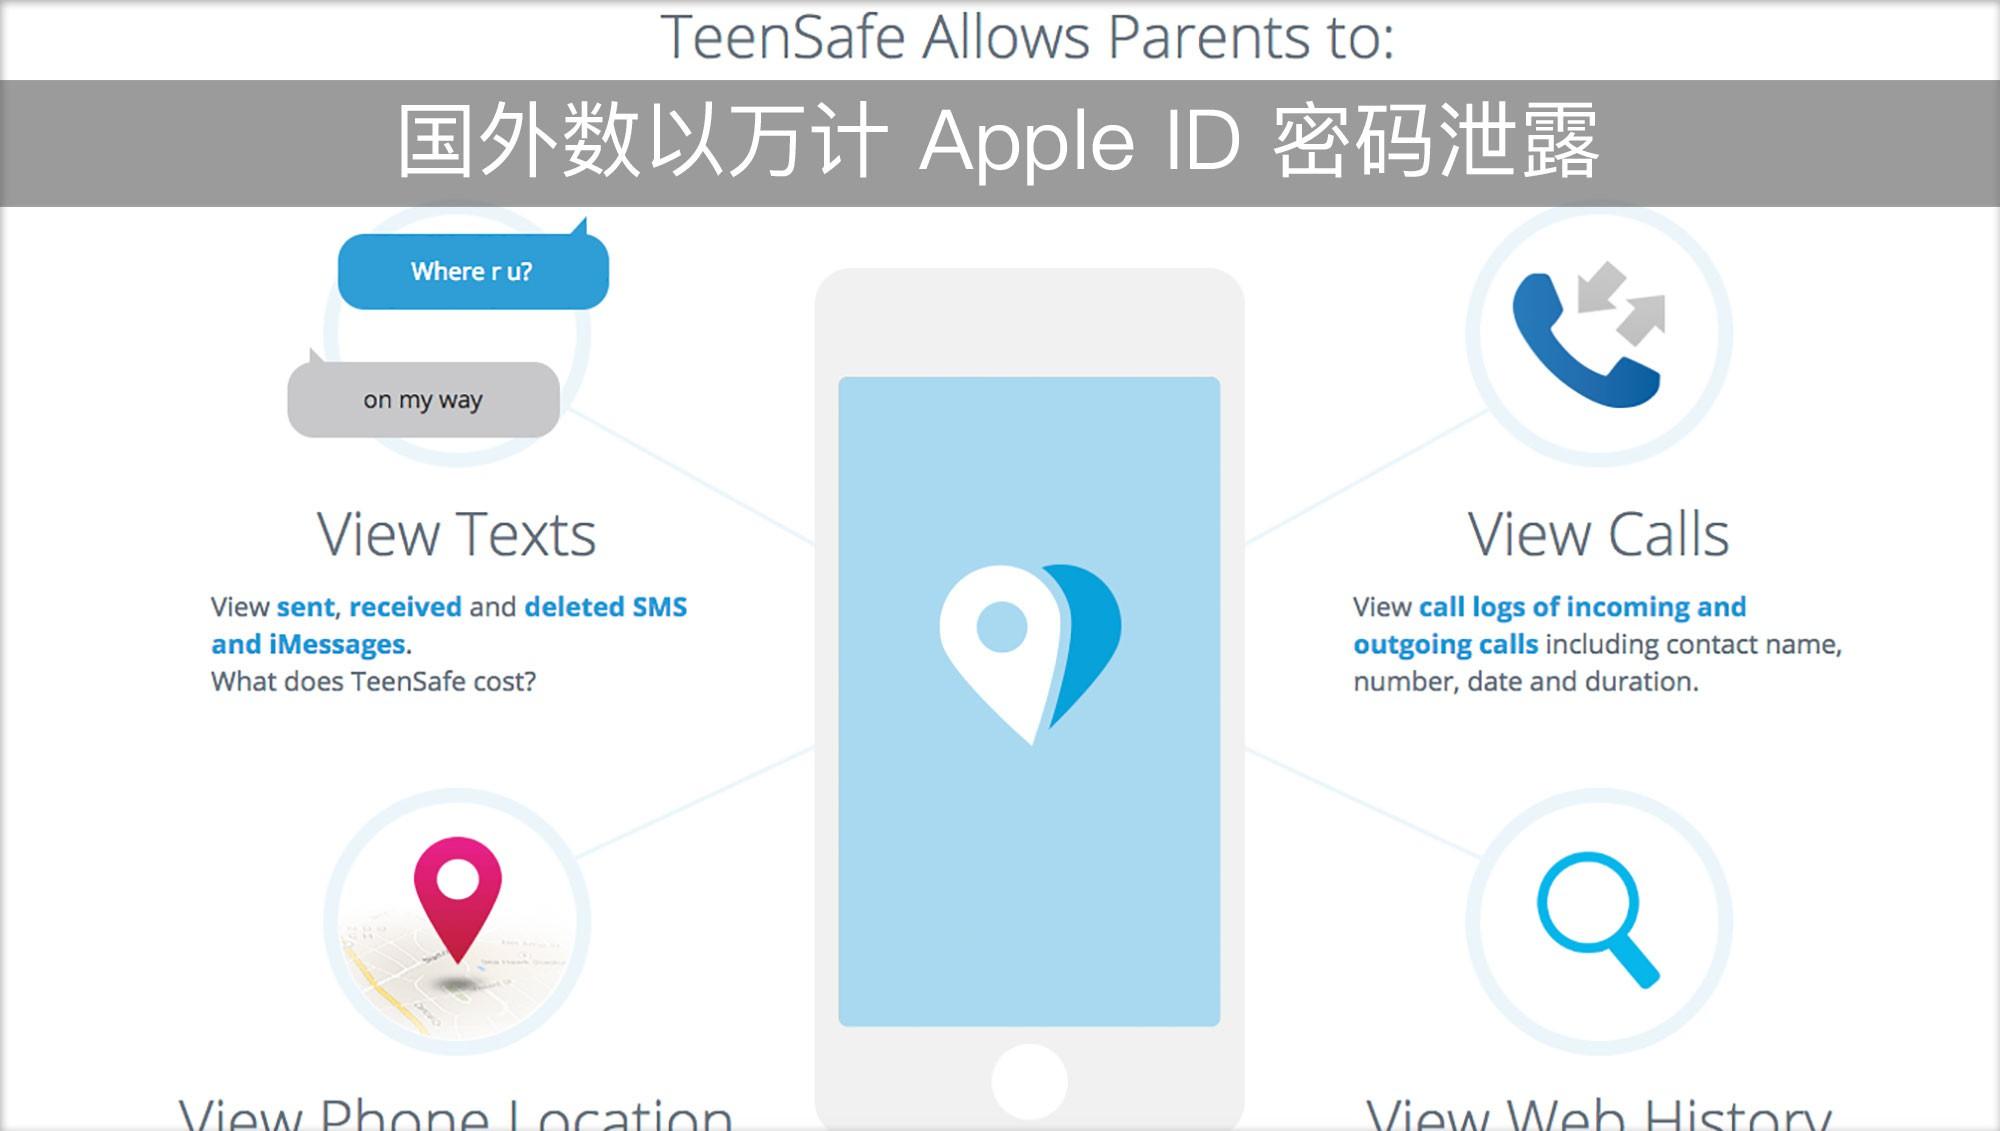 国外数以万计 Apple ID 密码泄露